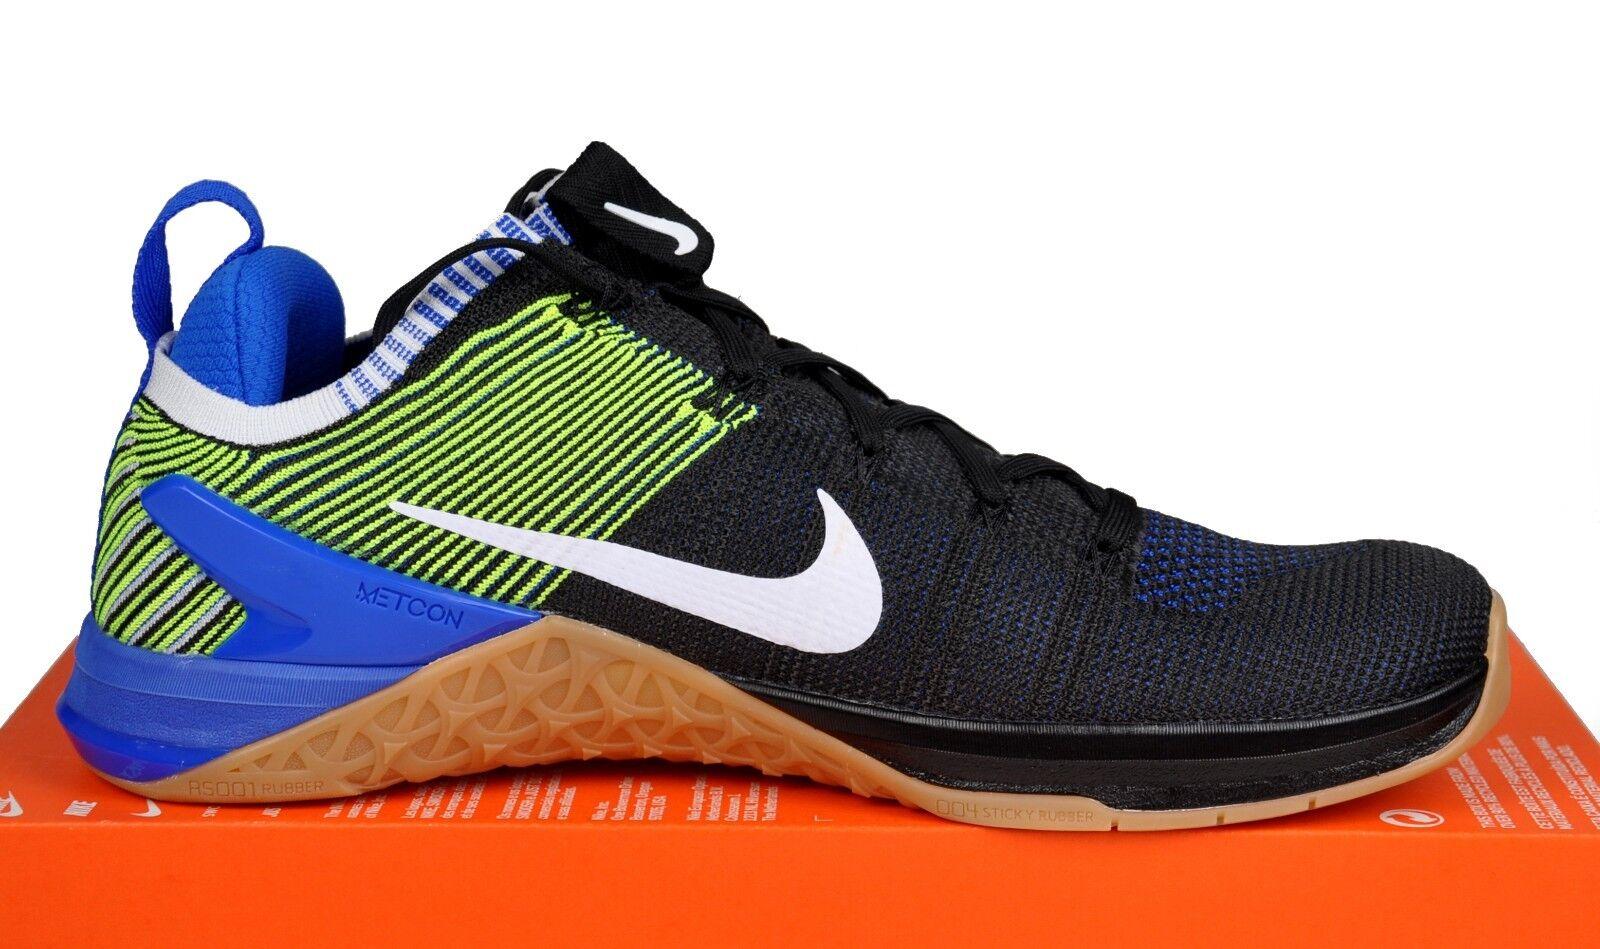 separation shoes 1ad93 55e3b ... Nike Metcon DSX Flyknit Flyknit Flyknit 2 Cross Training Black Blue  924423-006 Men Sz ...